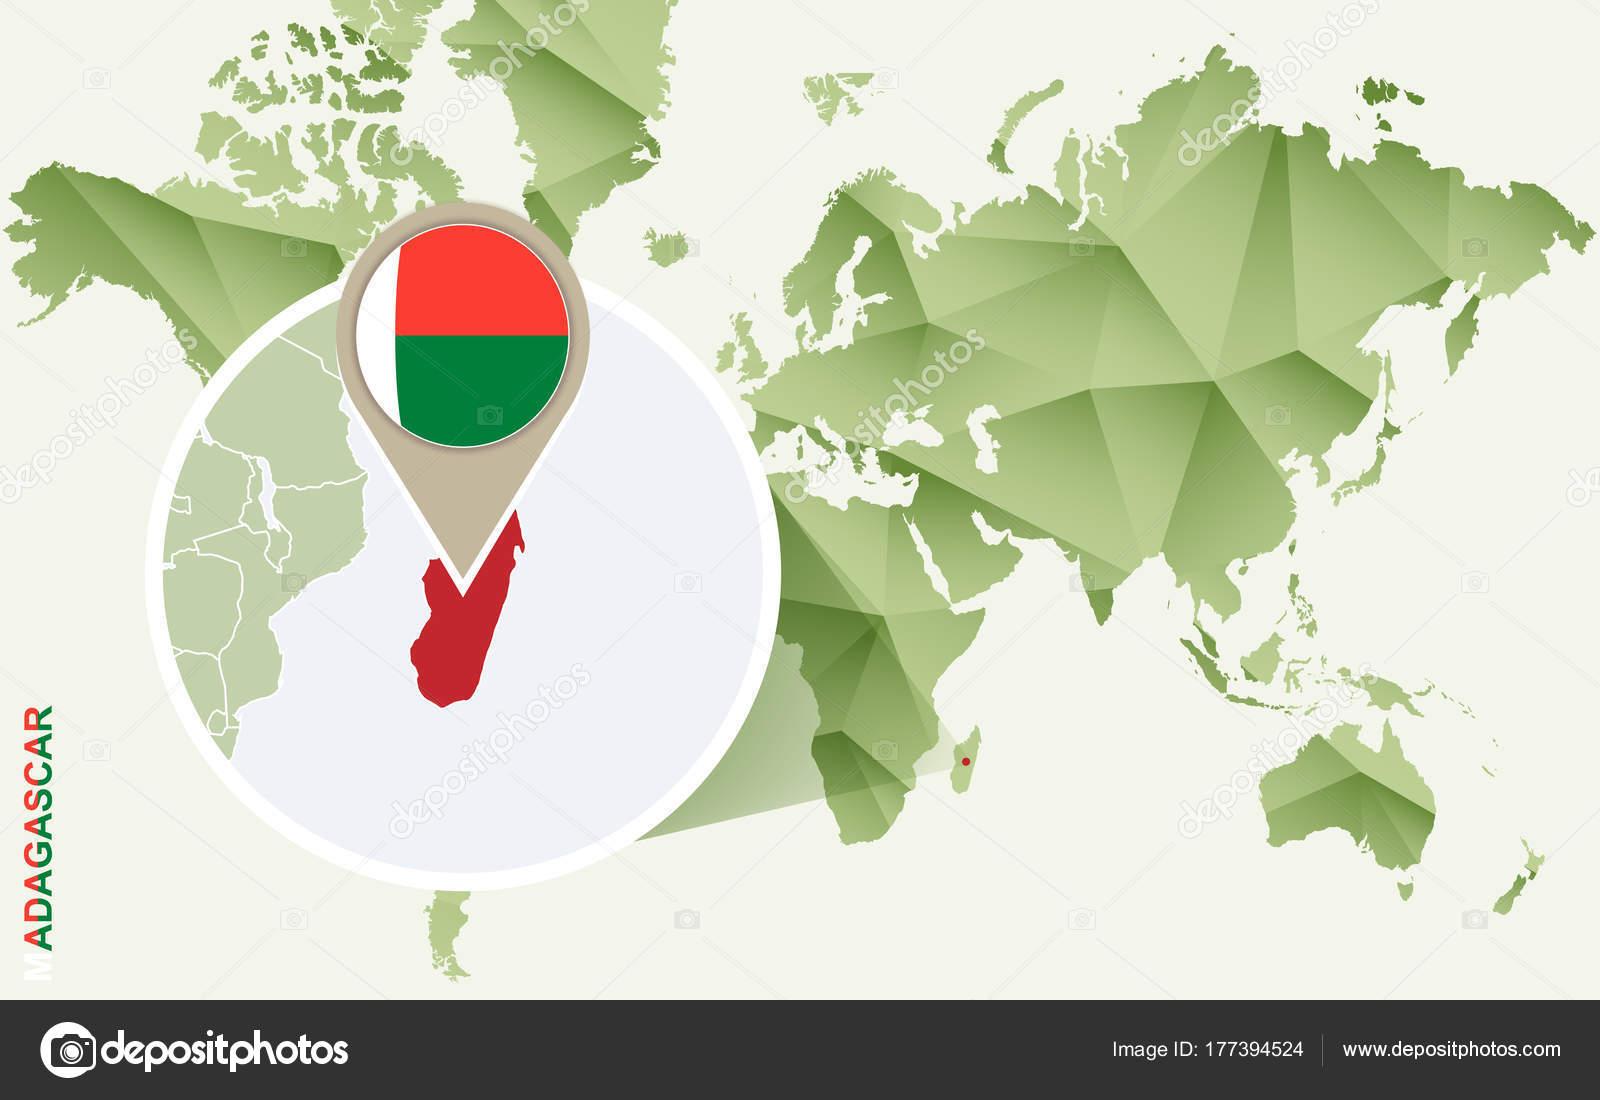 Carte Verte Madagascar.Infographie Pour Madagascar Carte Detaillee De Madagascar